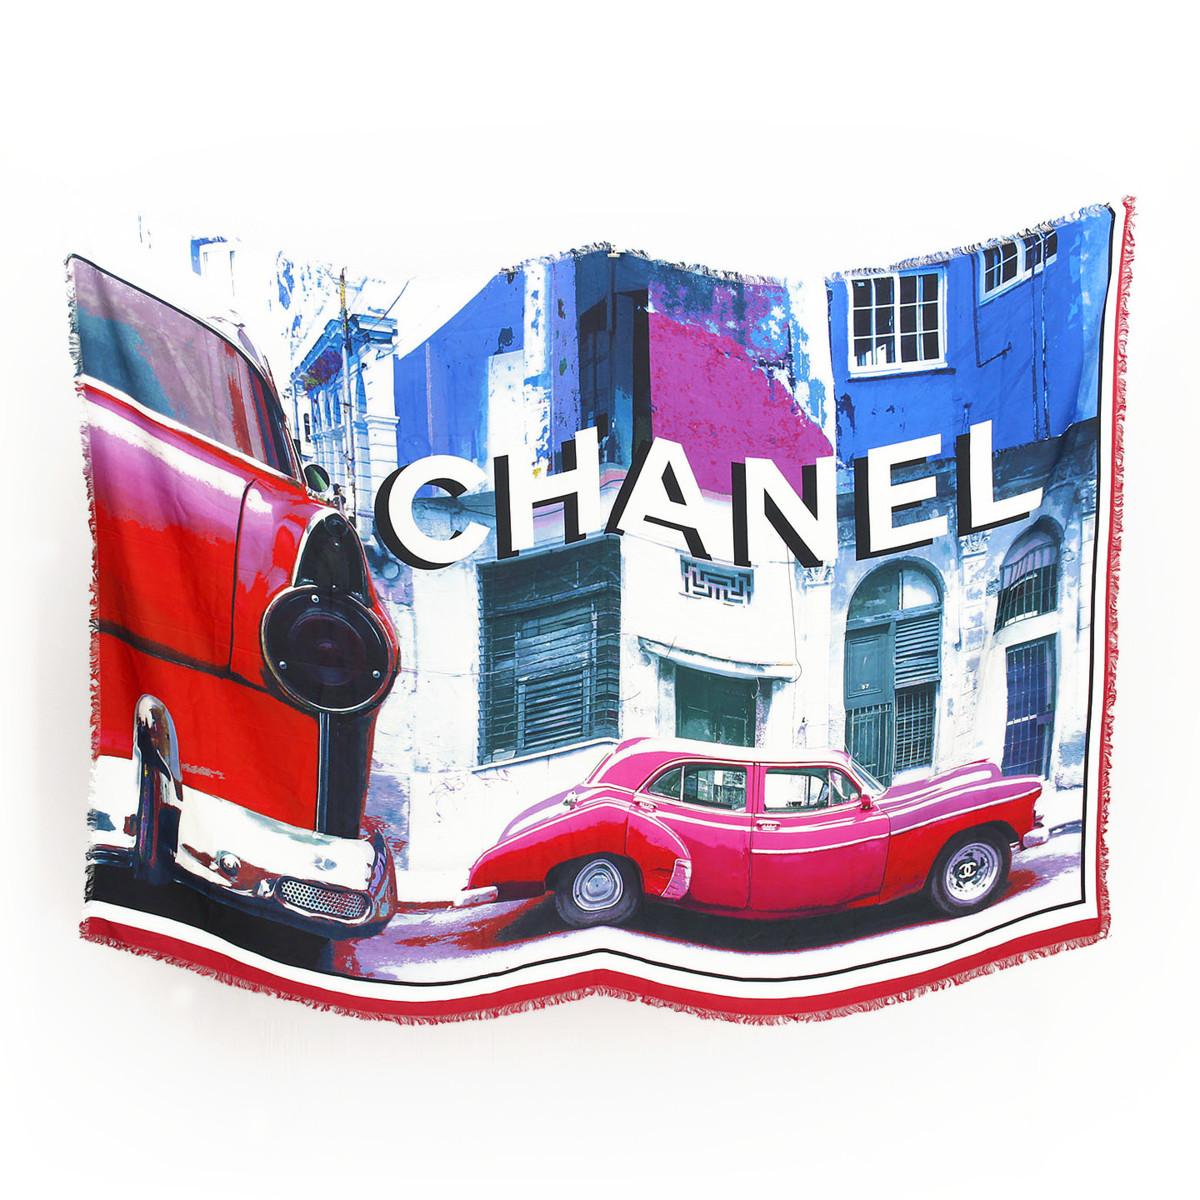 【シャネル】Chanel シルク 大判 ストール Exclusive Edition December 2016 【中古】【鑑定済・正規品保証】【送料無料】34084